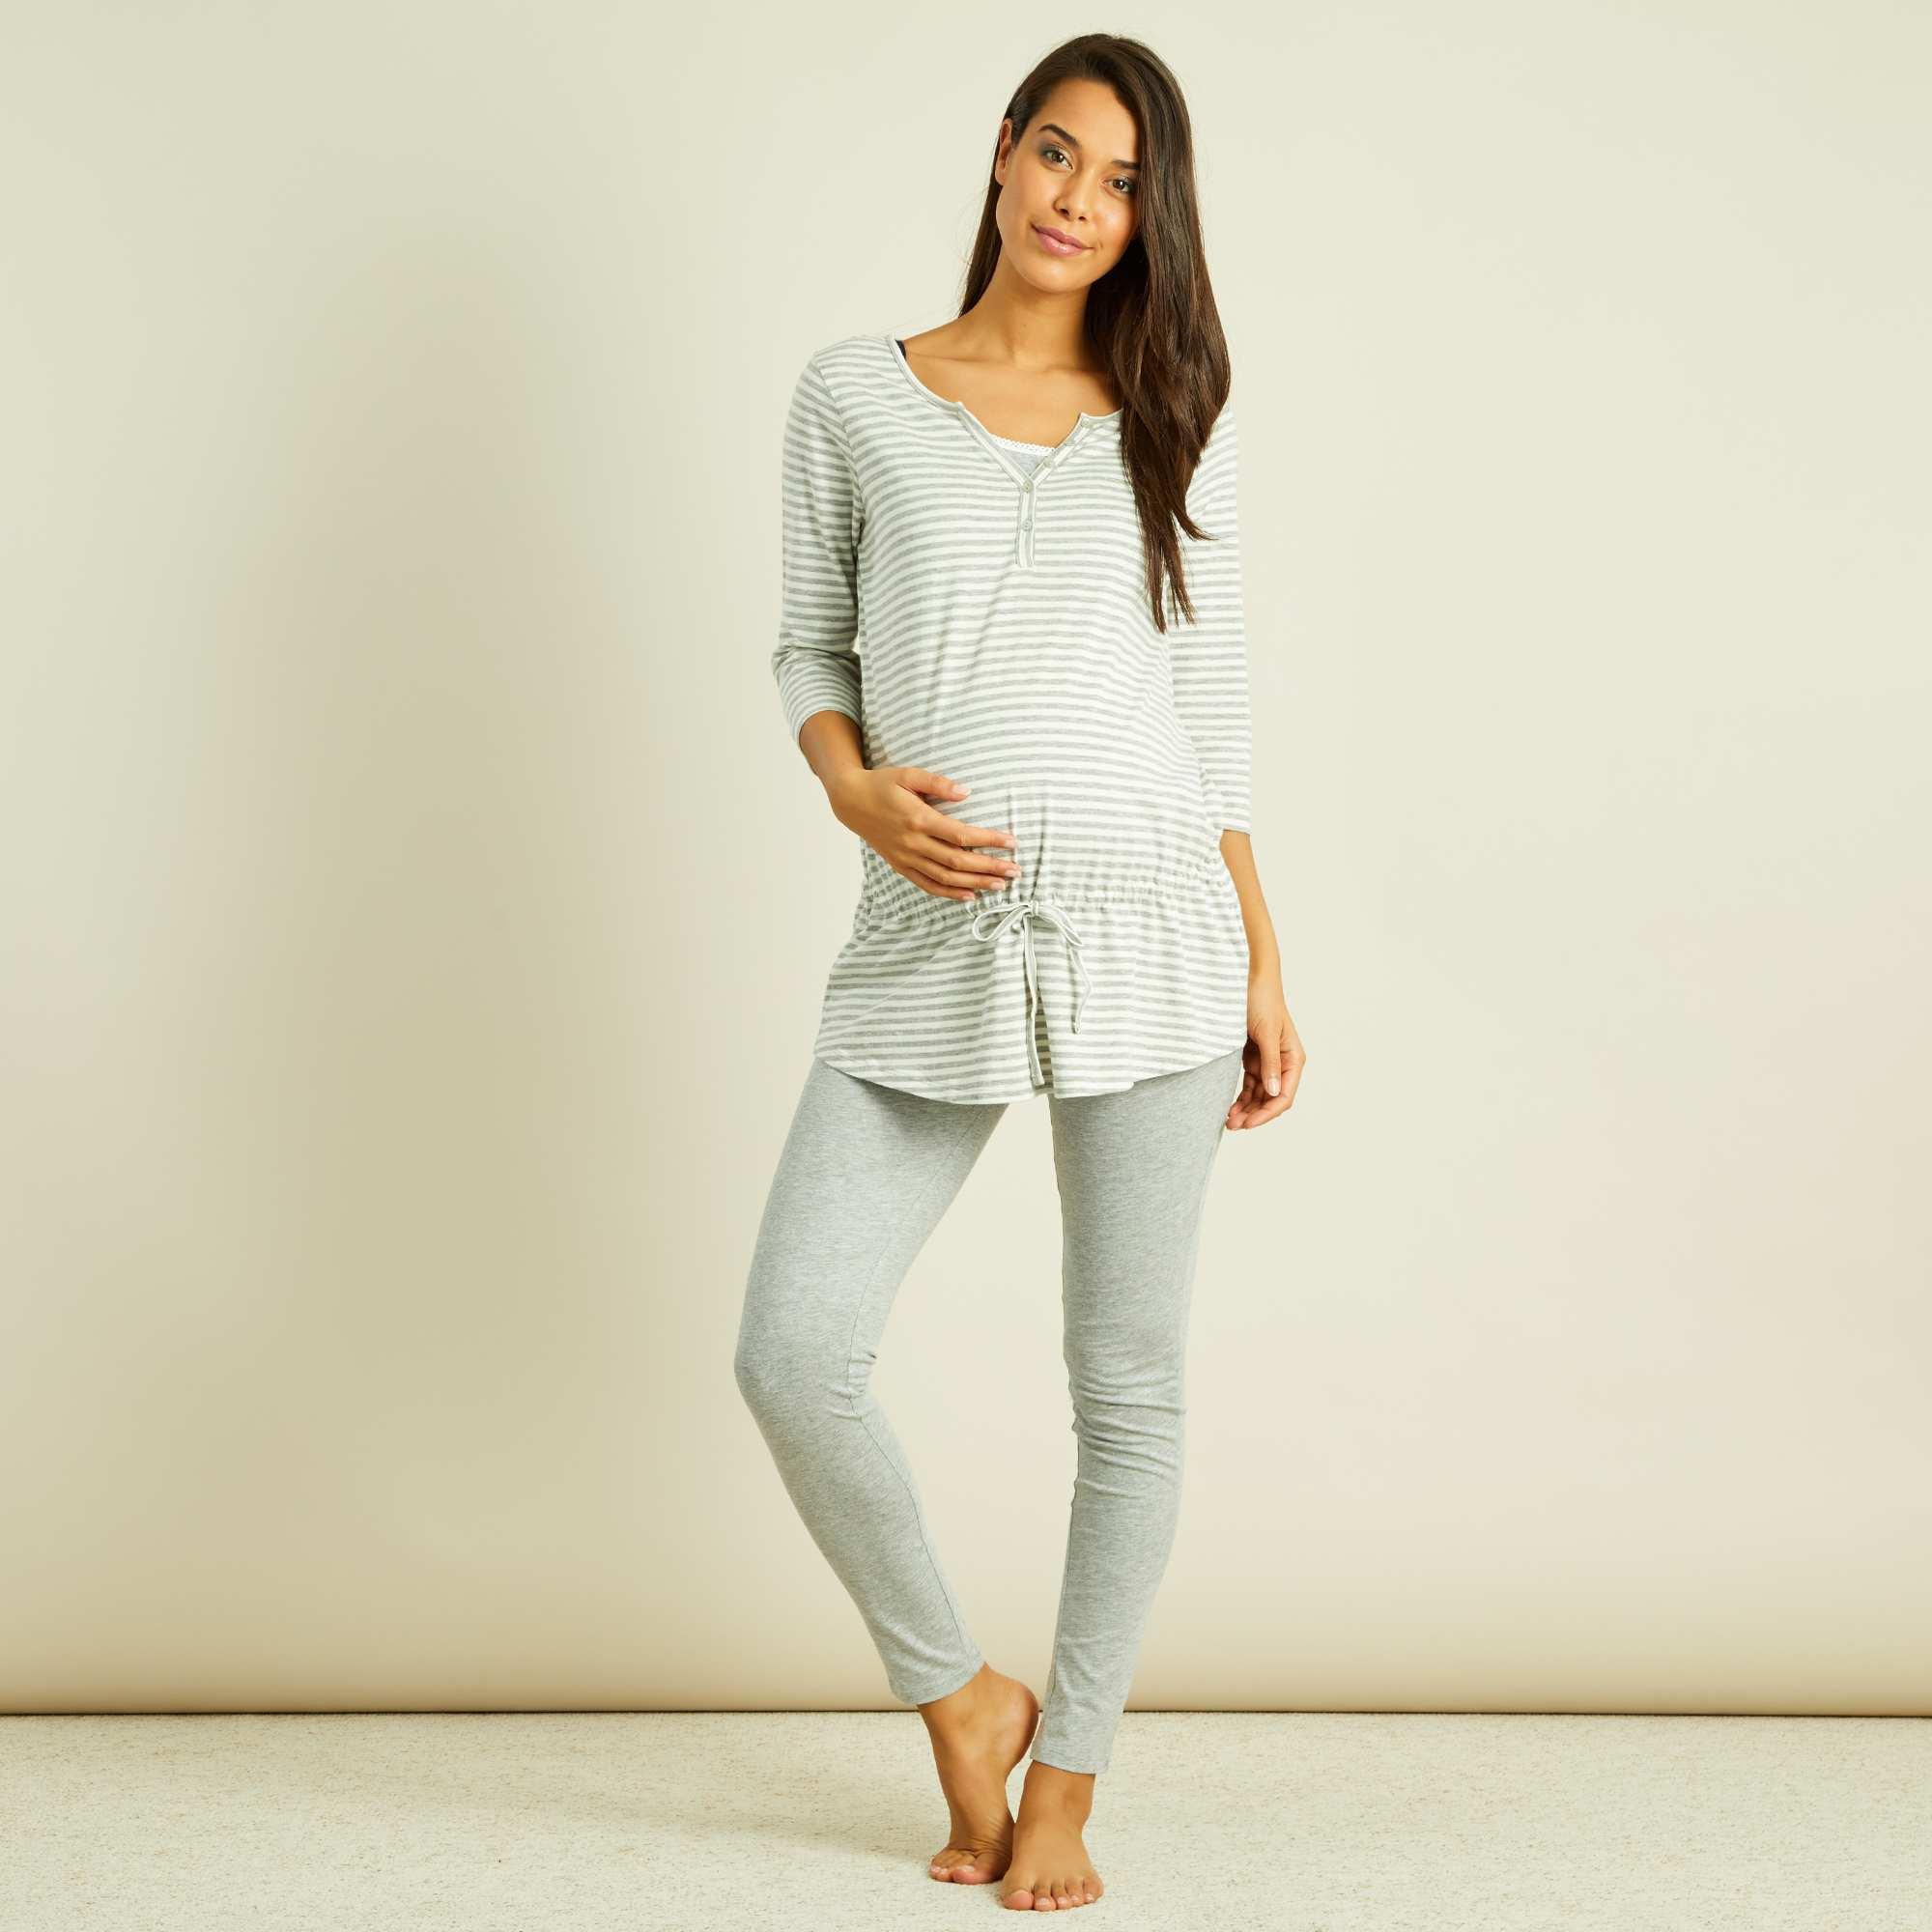 Couleur : gris clair chiné, , ,, - Taille : XL, M, S,L,Le pyjama pratique et tout confort qui vous accompagne pendant et après la grossesse !